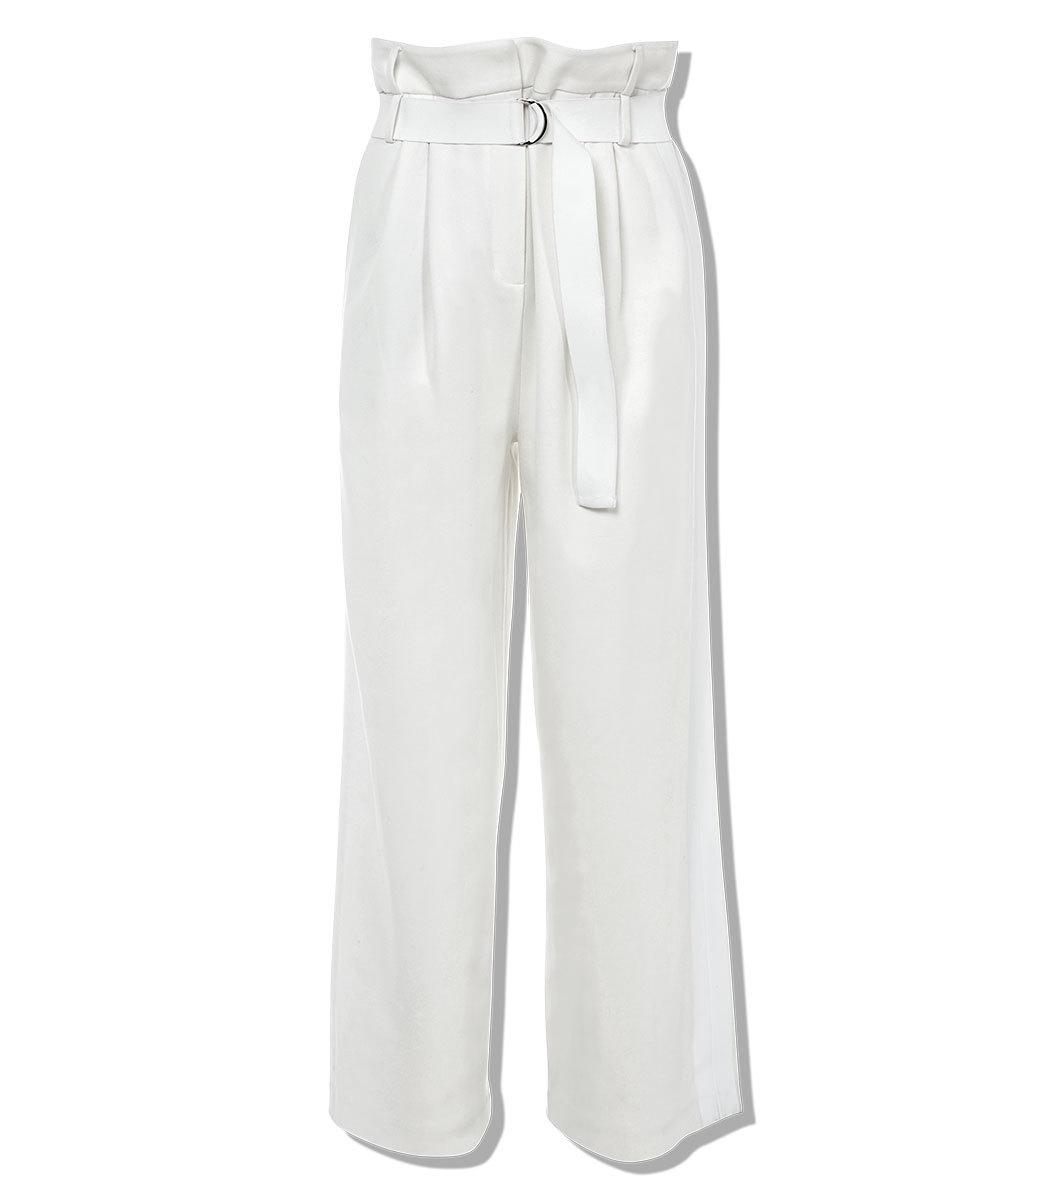 TIBI Mora Suiting Stella Wide Leg Paperbag Pants